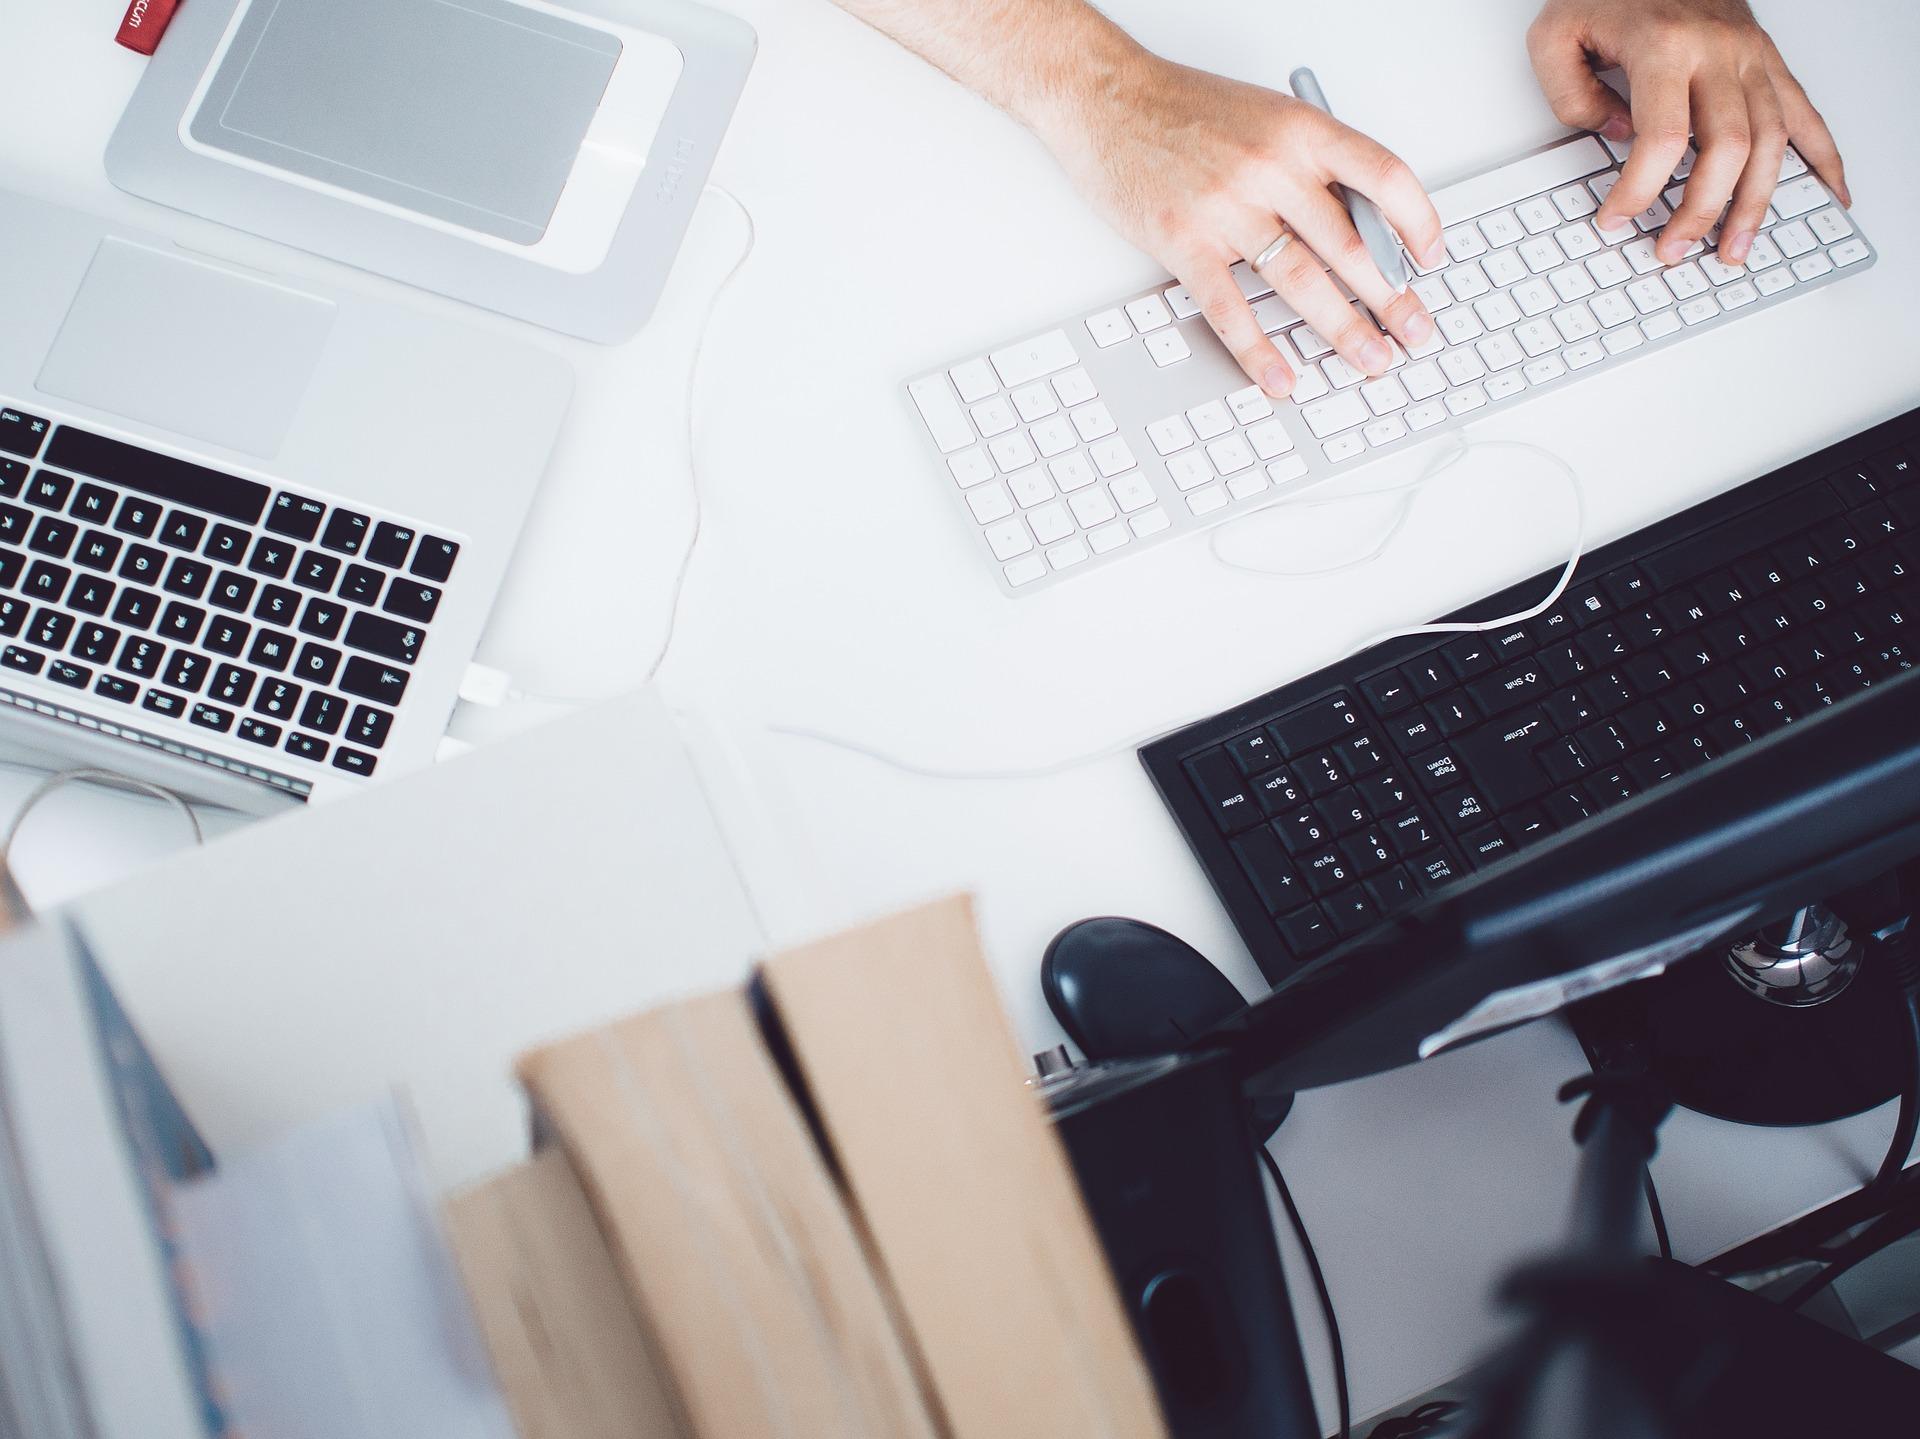 Studie: Startups in Europa müssen sich von amerikanischen Vorbildern lösen